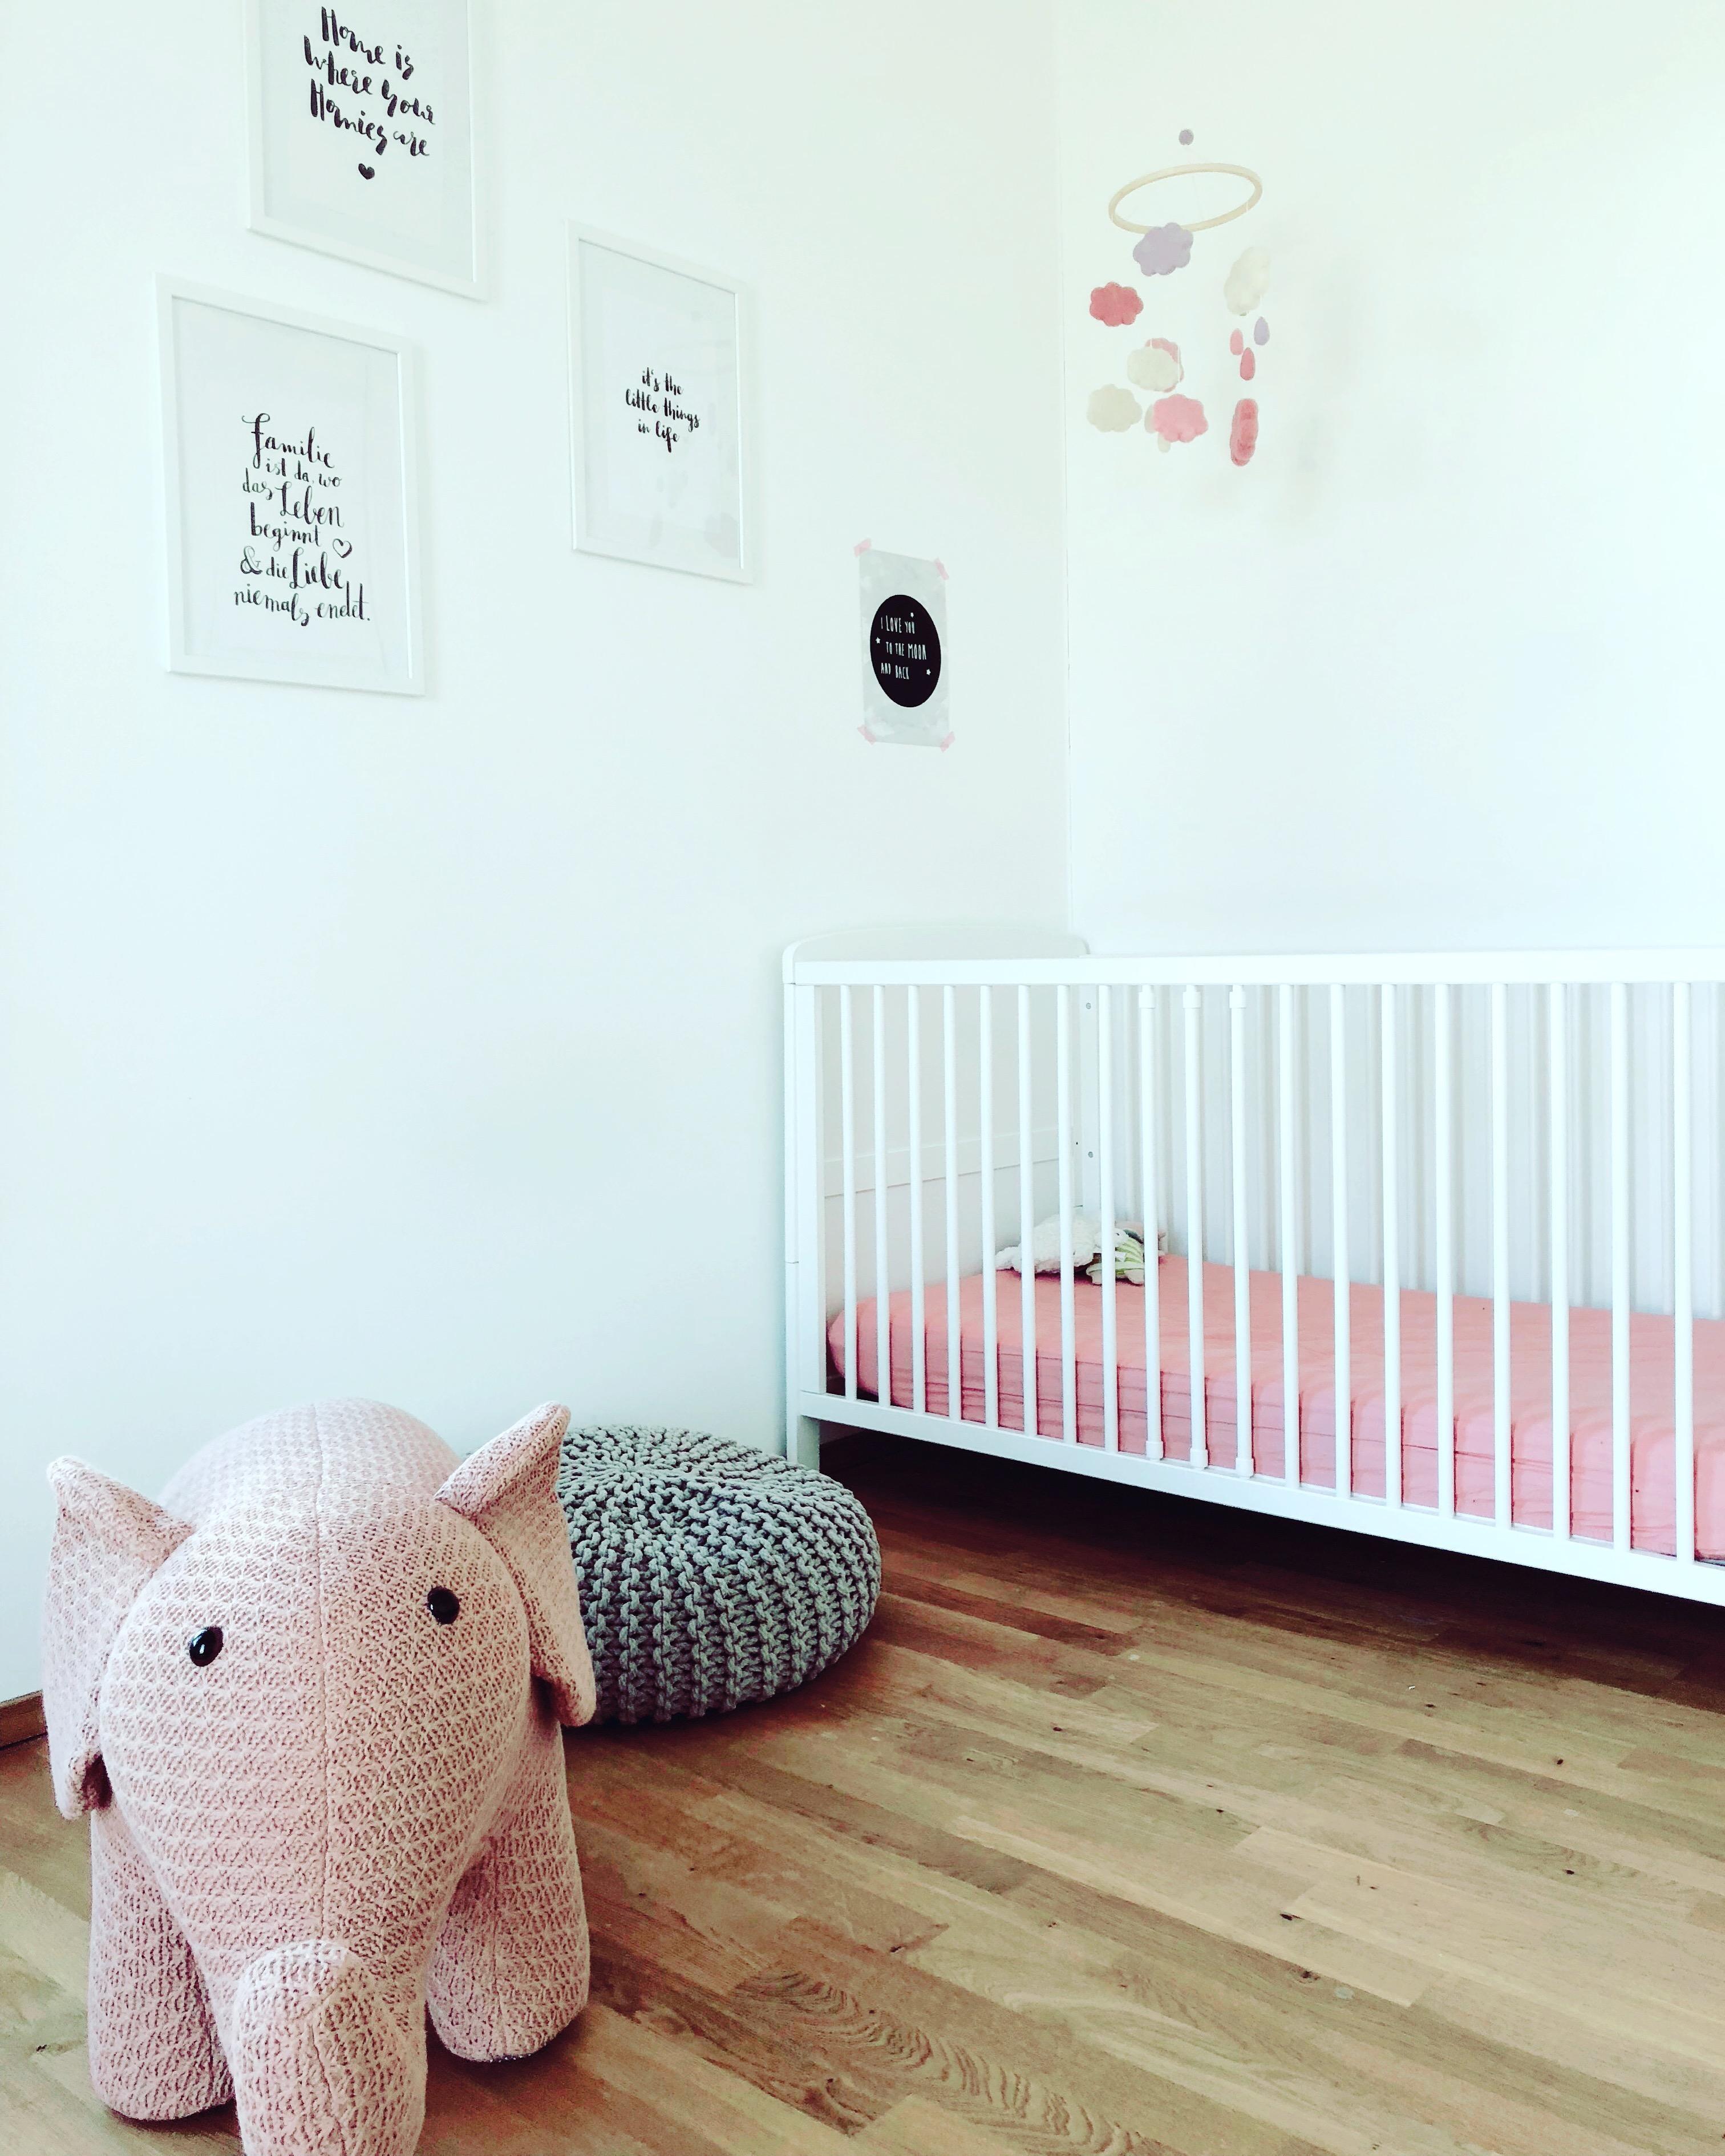 Amüsant Jugend Mädchenzimmer Sammlung Von #kinderzimmer #mädchenzimmer #rosadetails #elefant